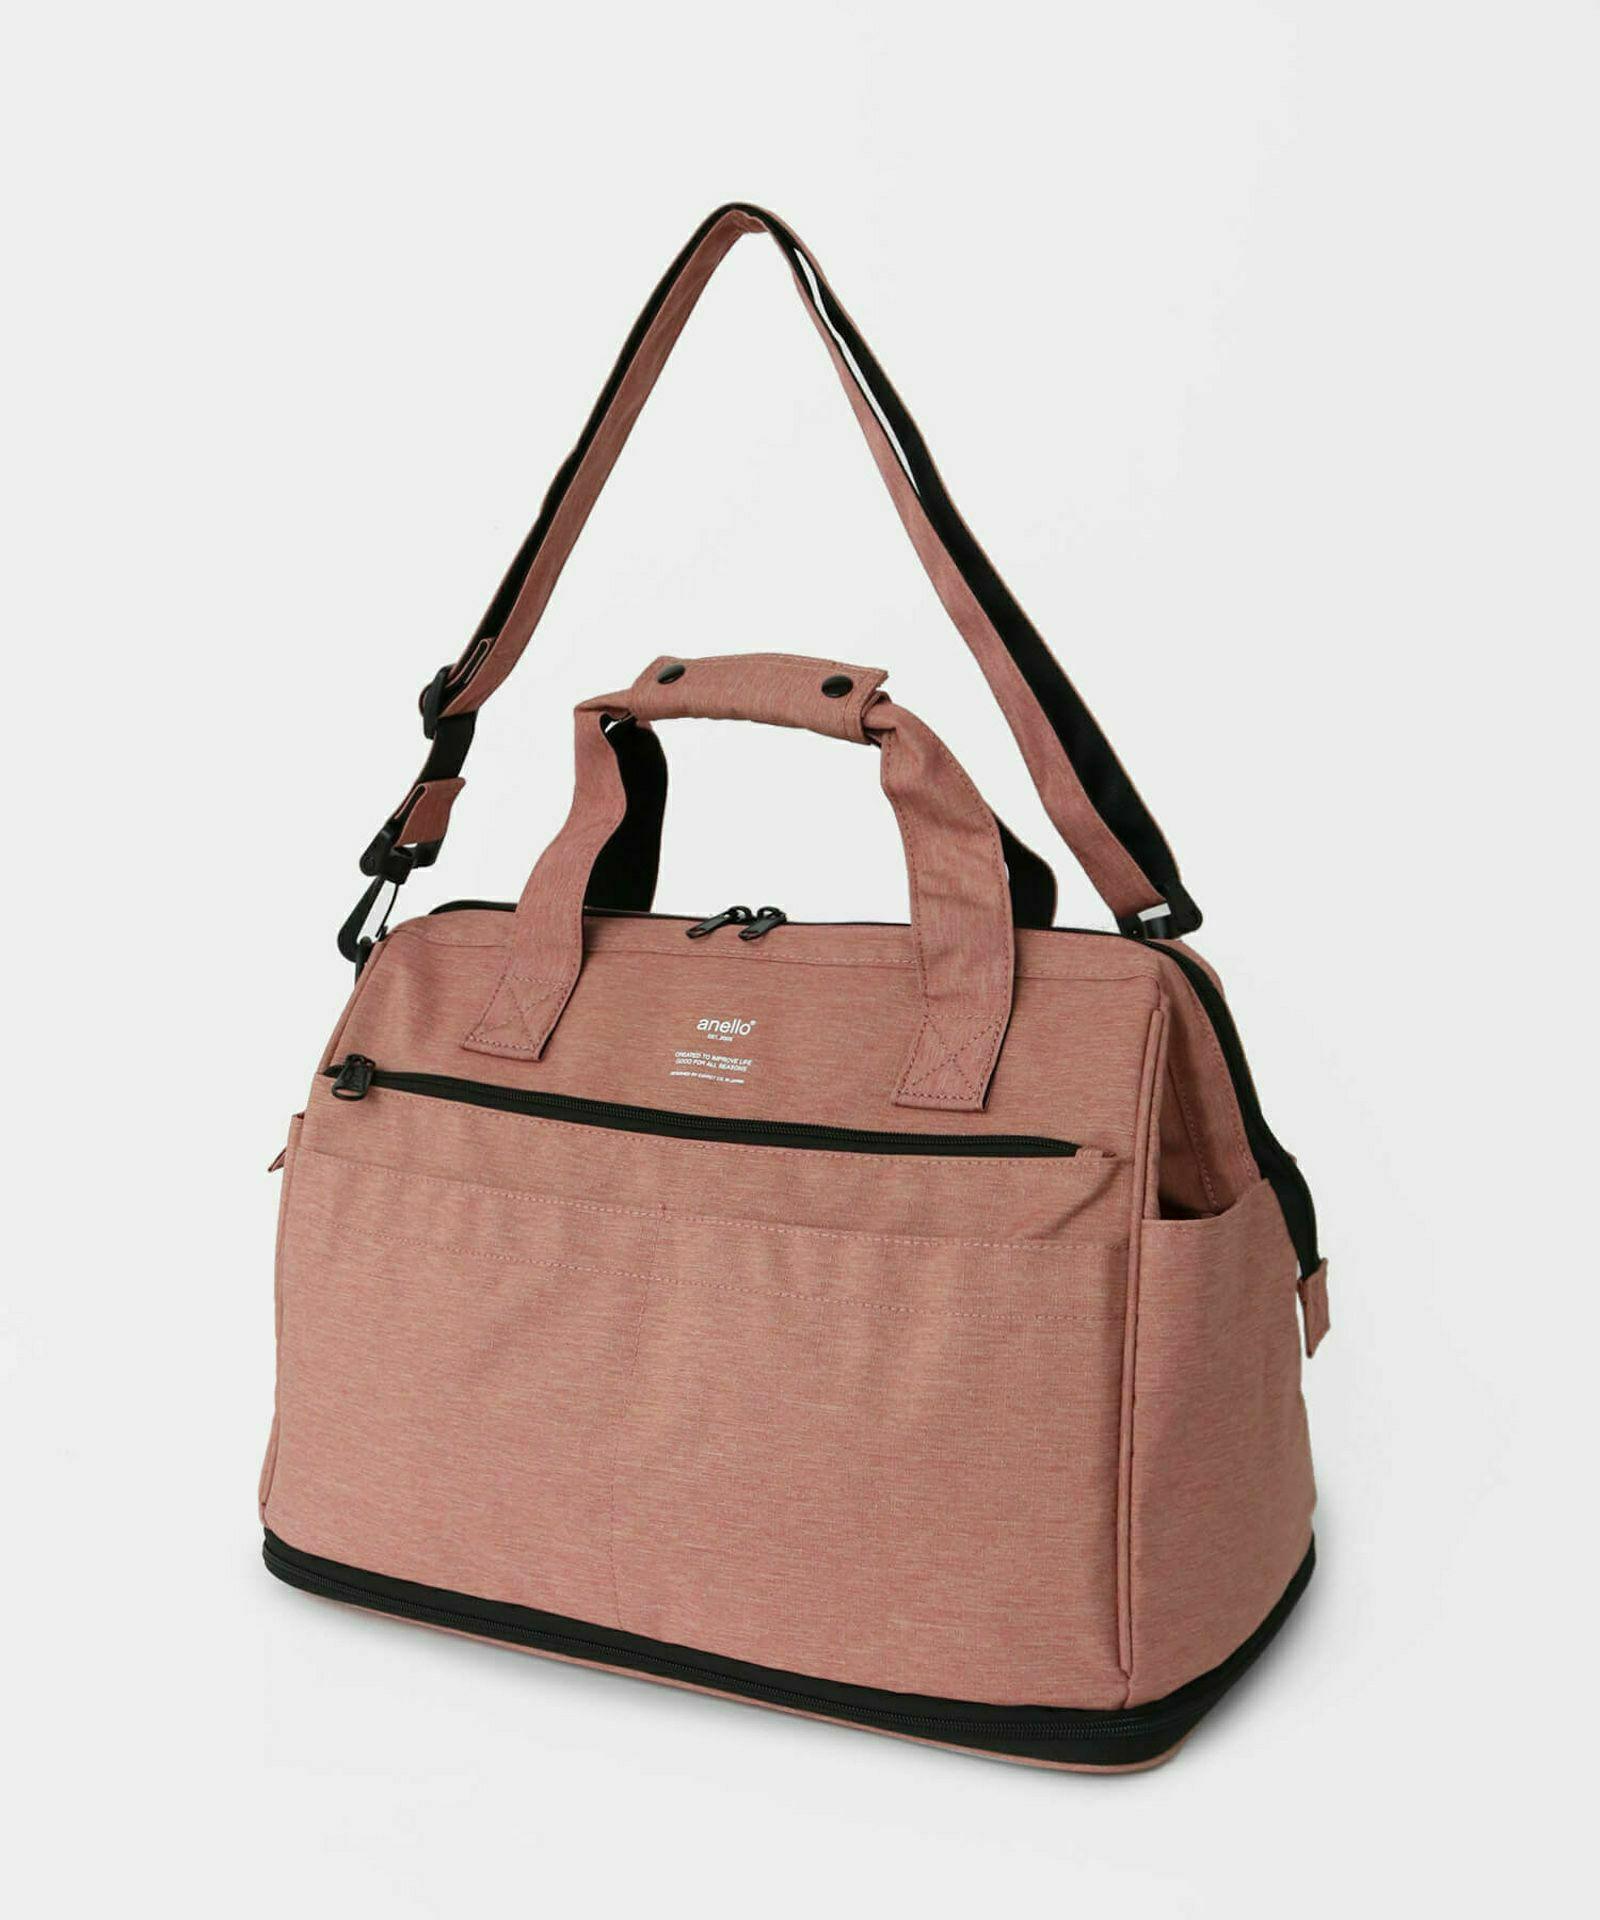 グリーン:サイドポケット